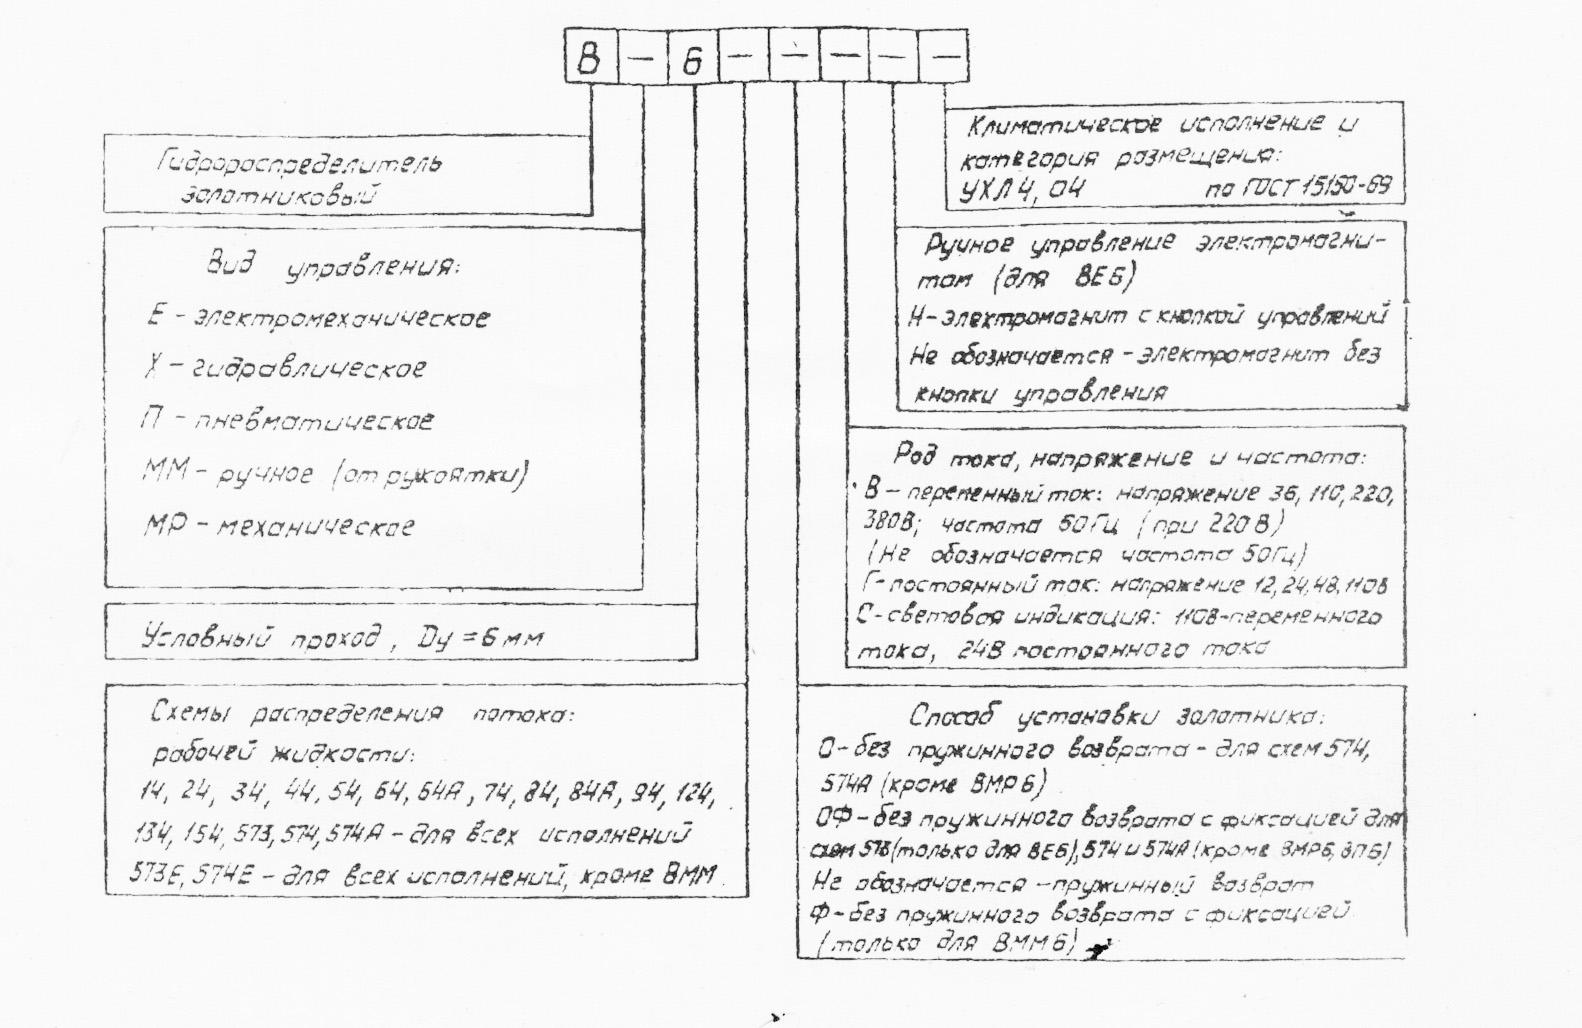 Структура усолвного обеспечения Гидрораспределителей марки ВЕ6